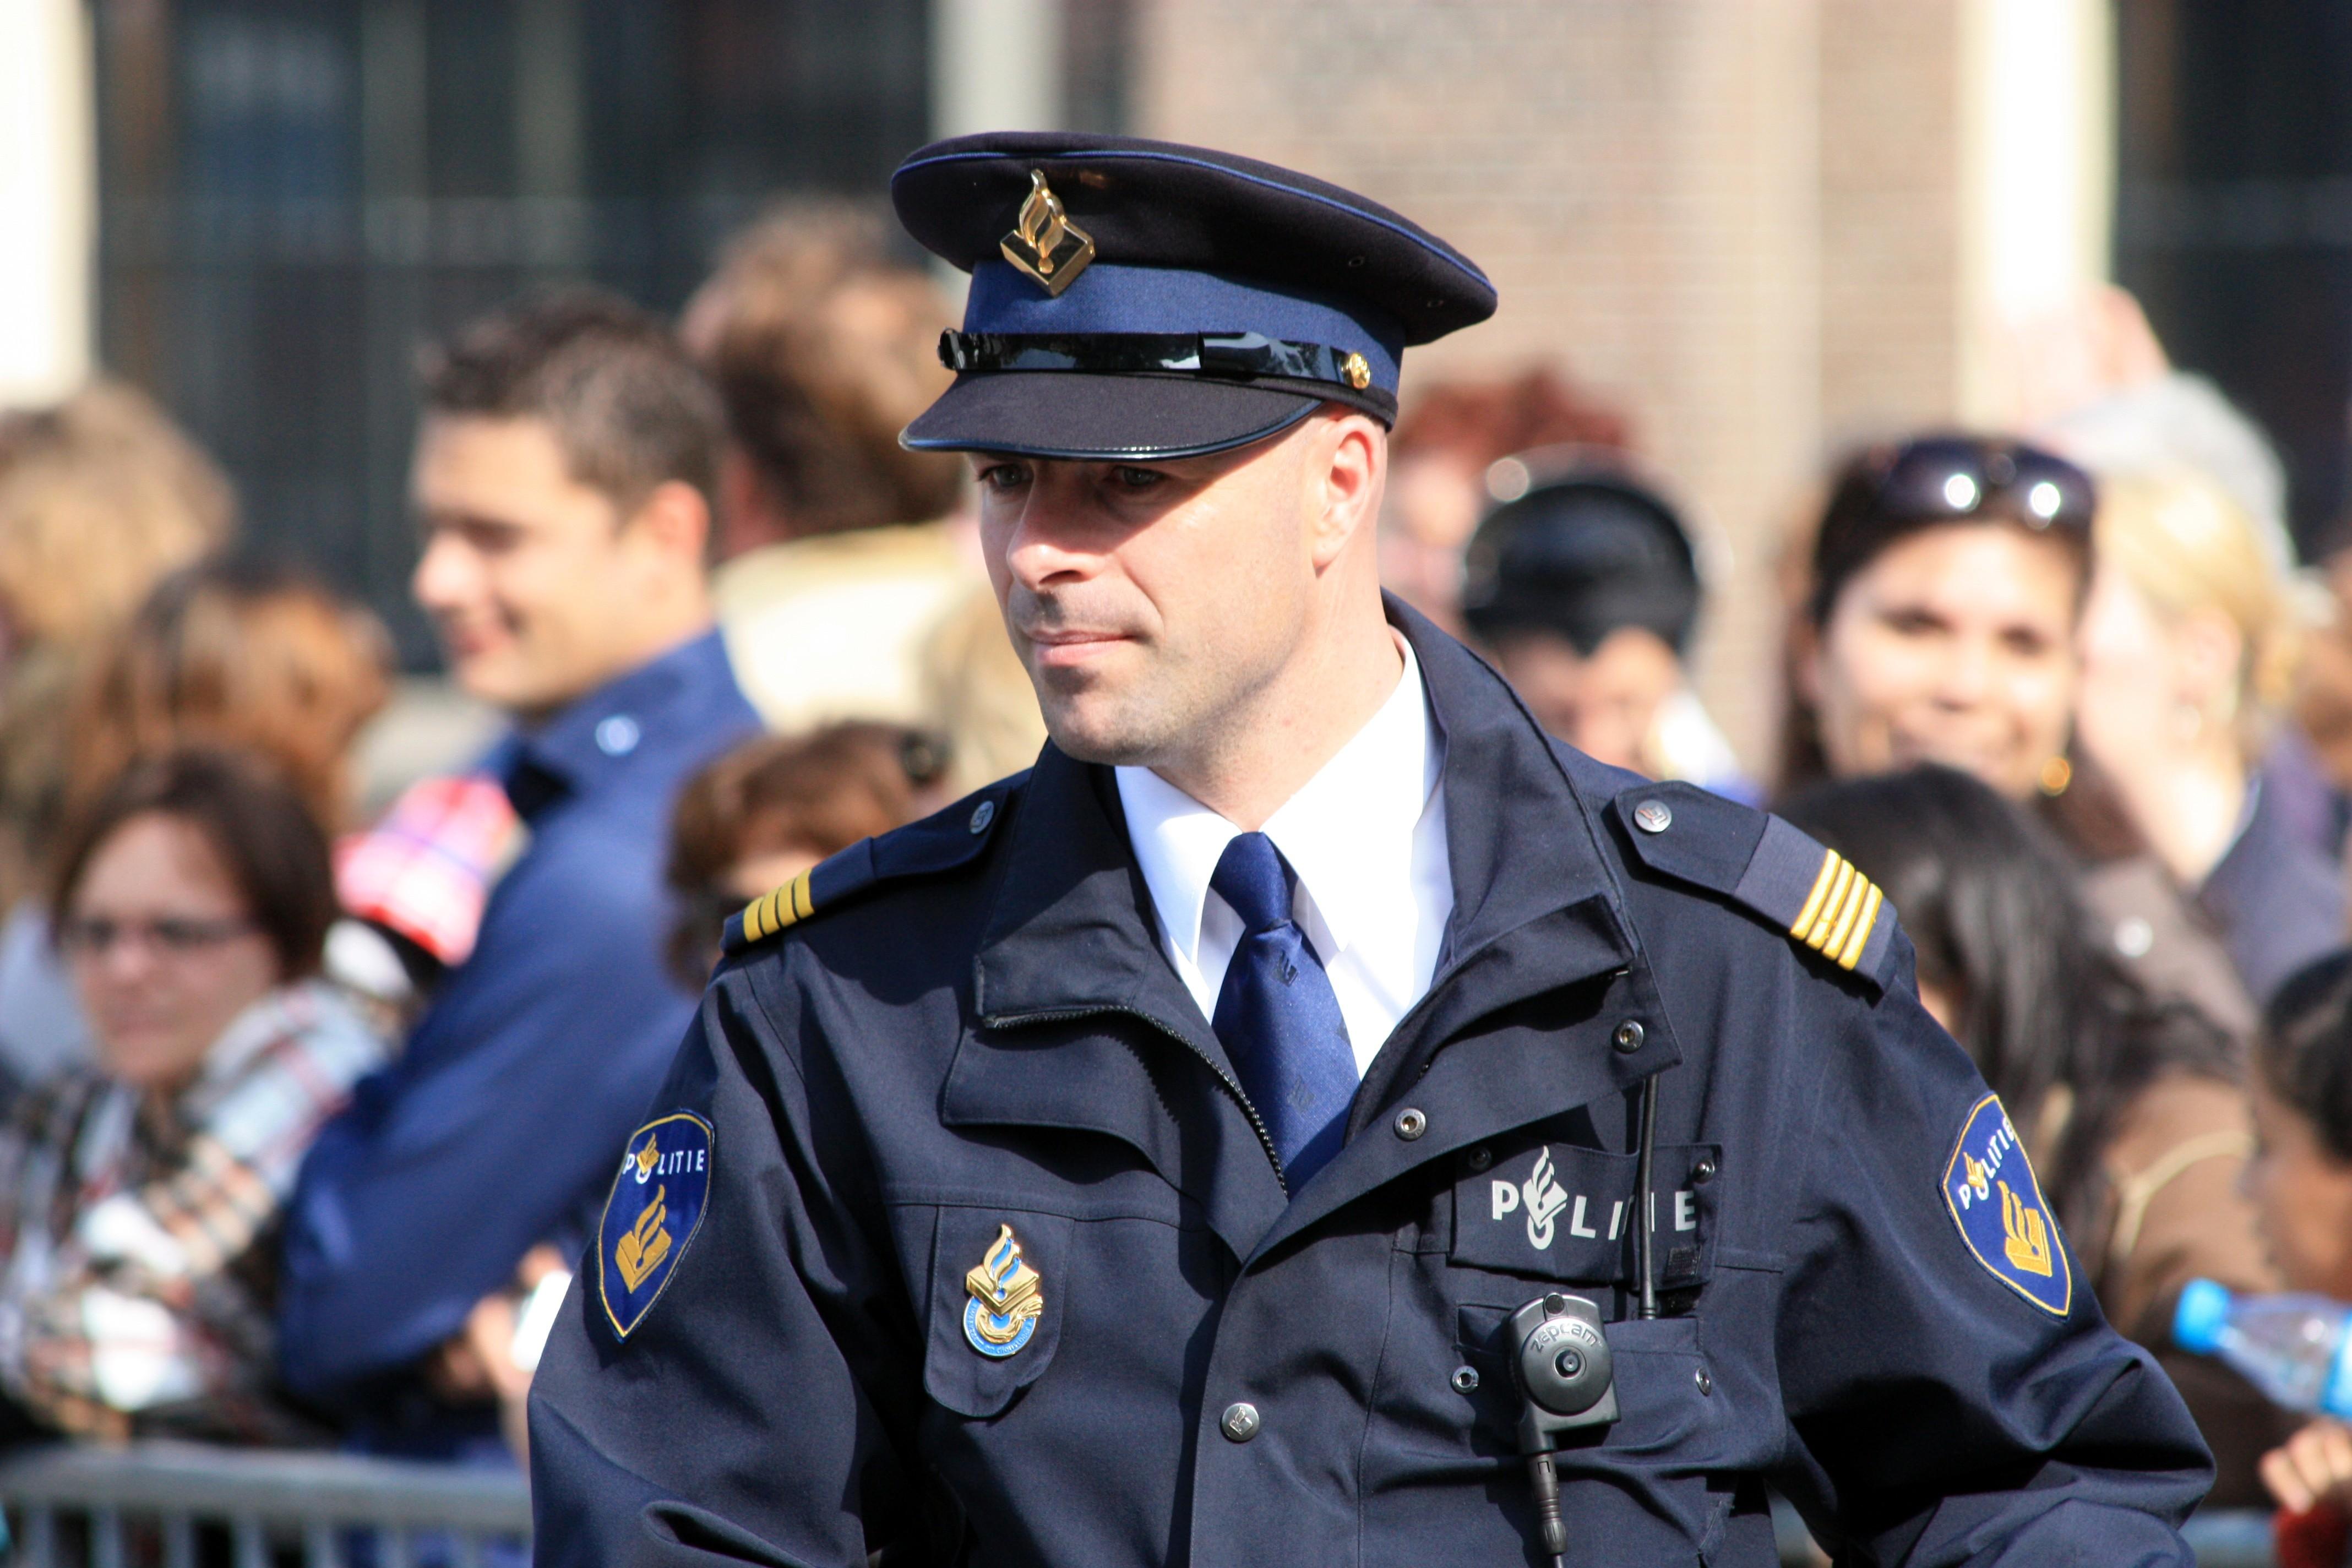 Картинка милиционер в форме